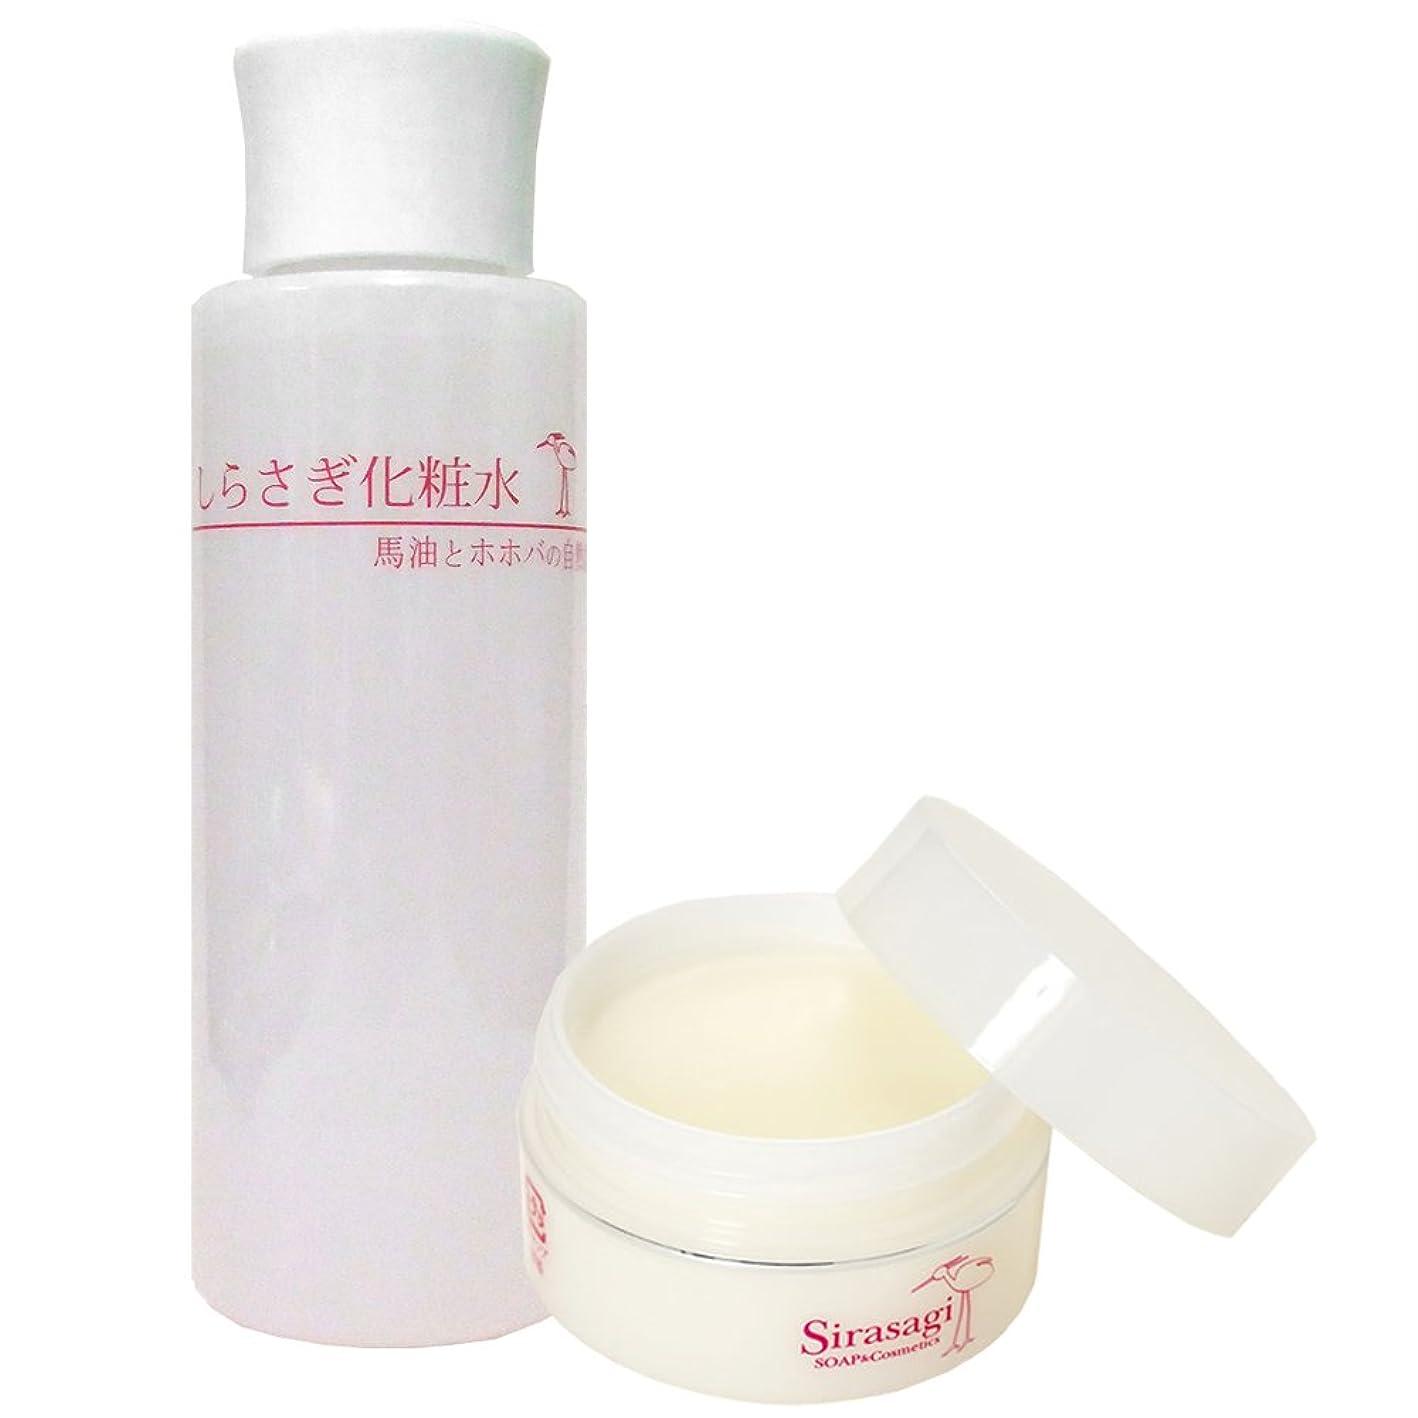 昼寝コイルベットしらさぎクリーム(無香料)としらさぎ化粧水のセット